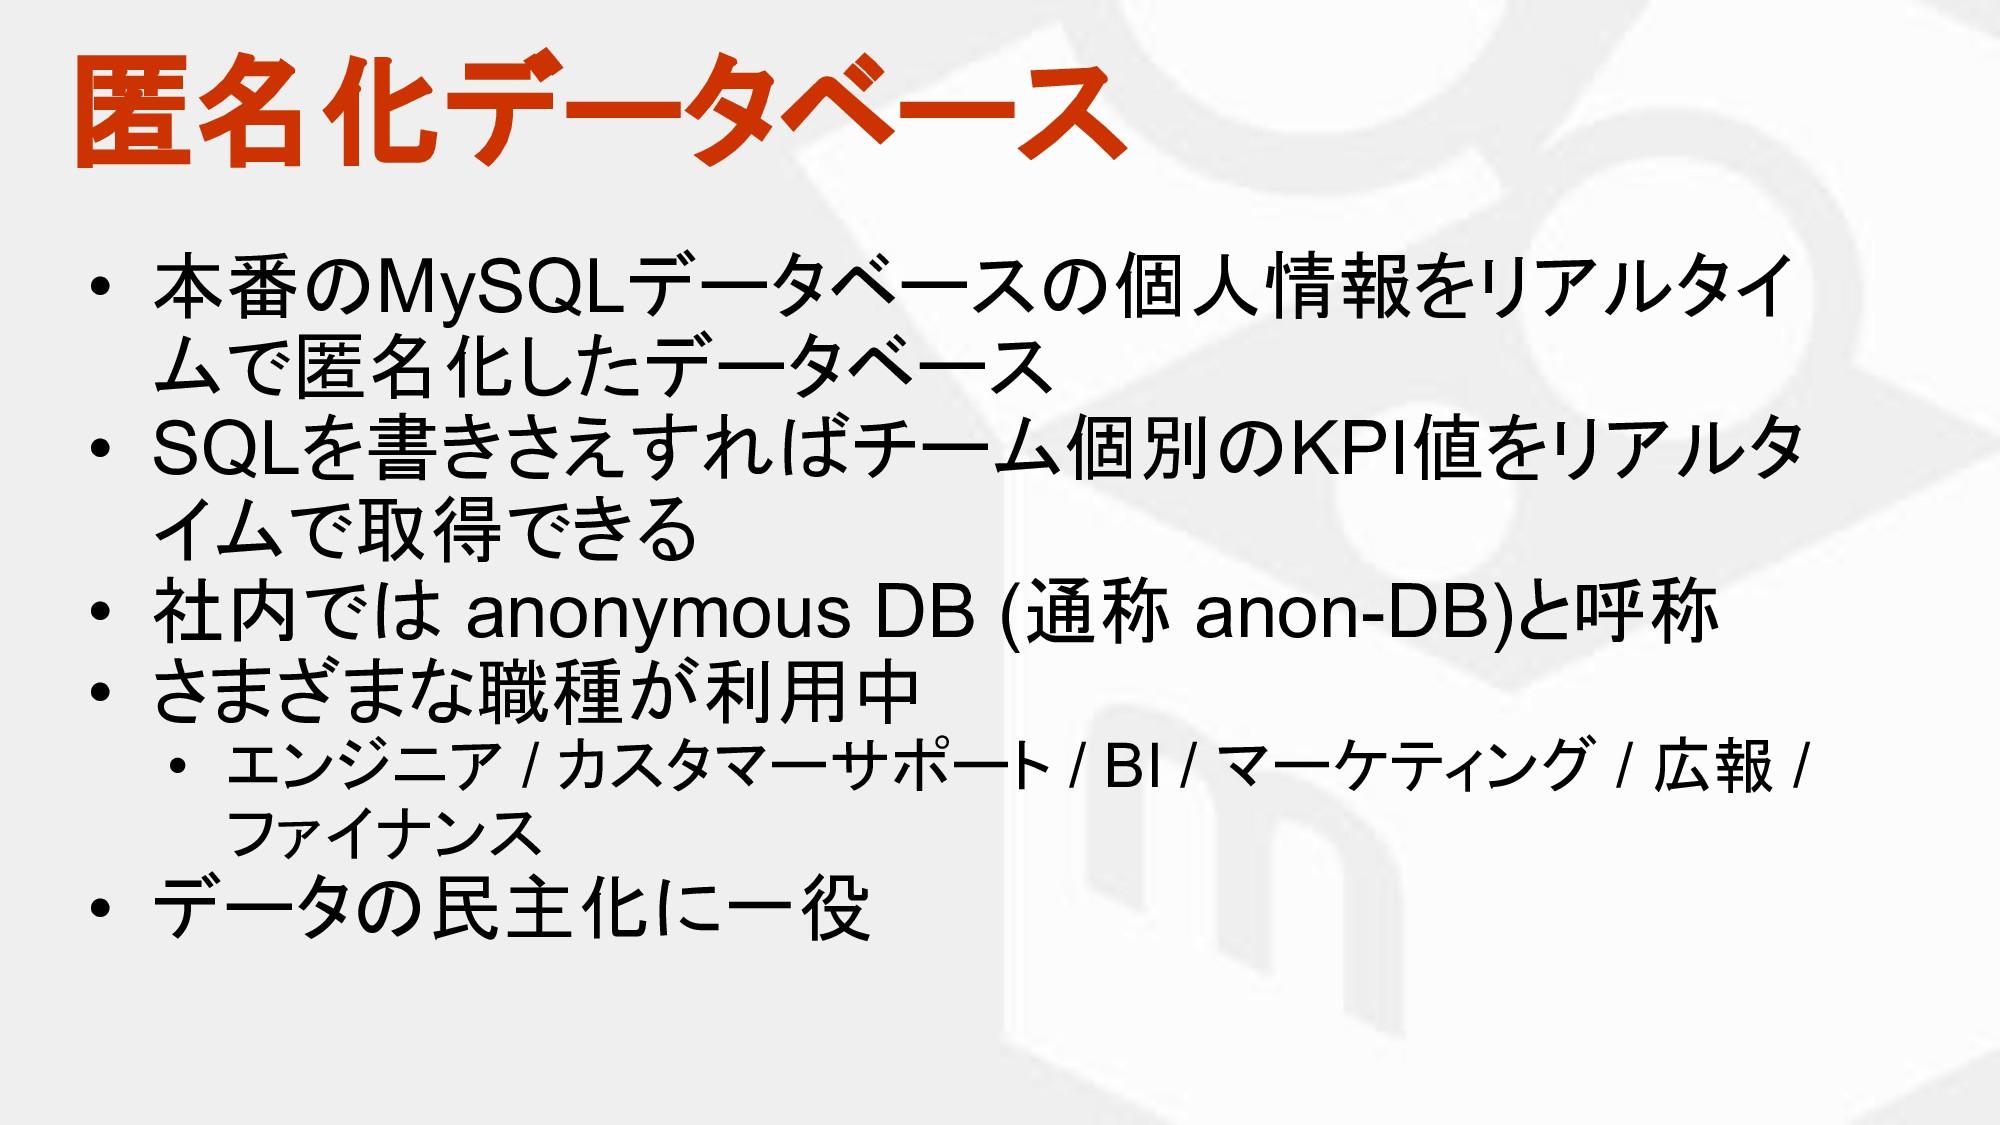 匿名化データベース • 本番 MySQLデータベース 個人情報をリアルタイ ムで匿名化したデー...